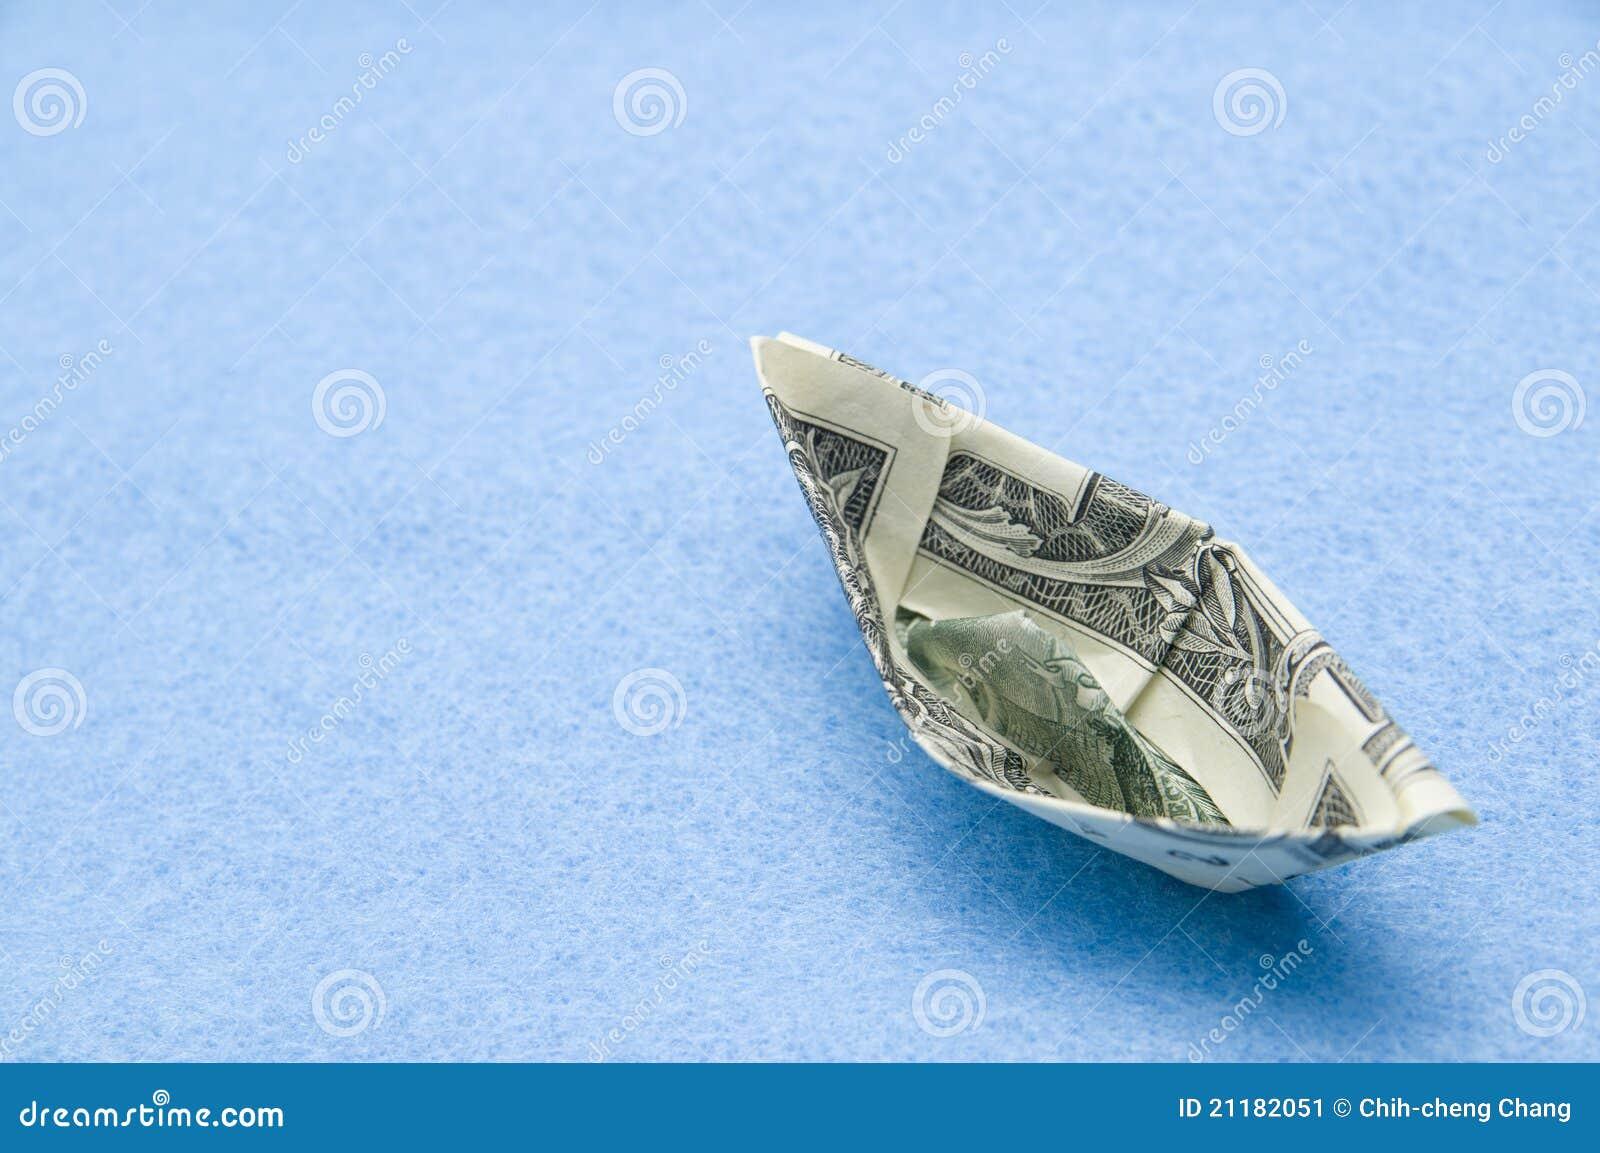 Financial metaphor